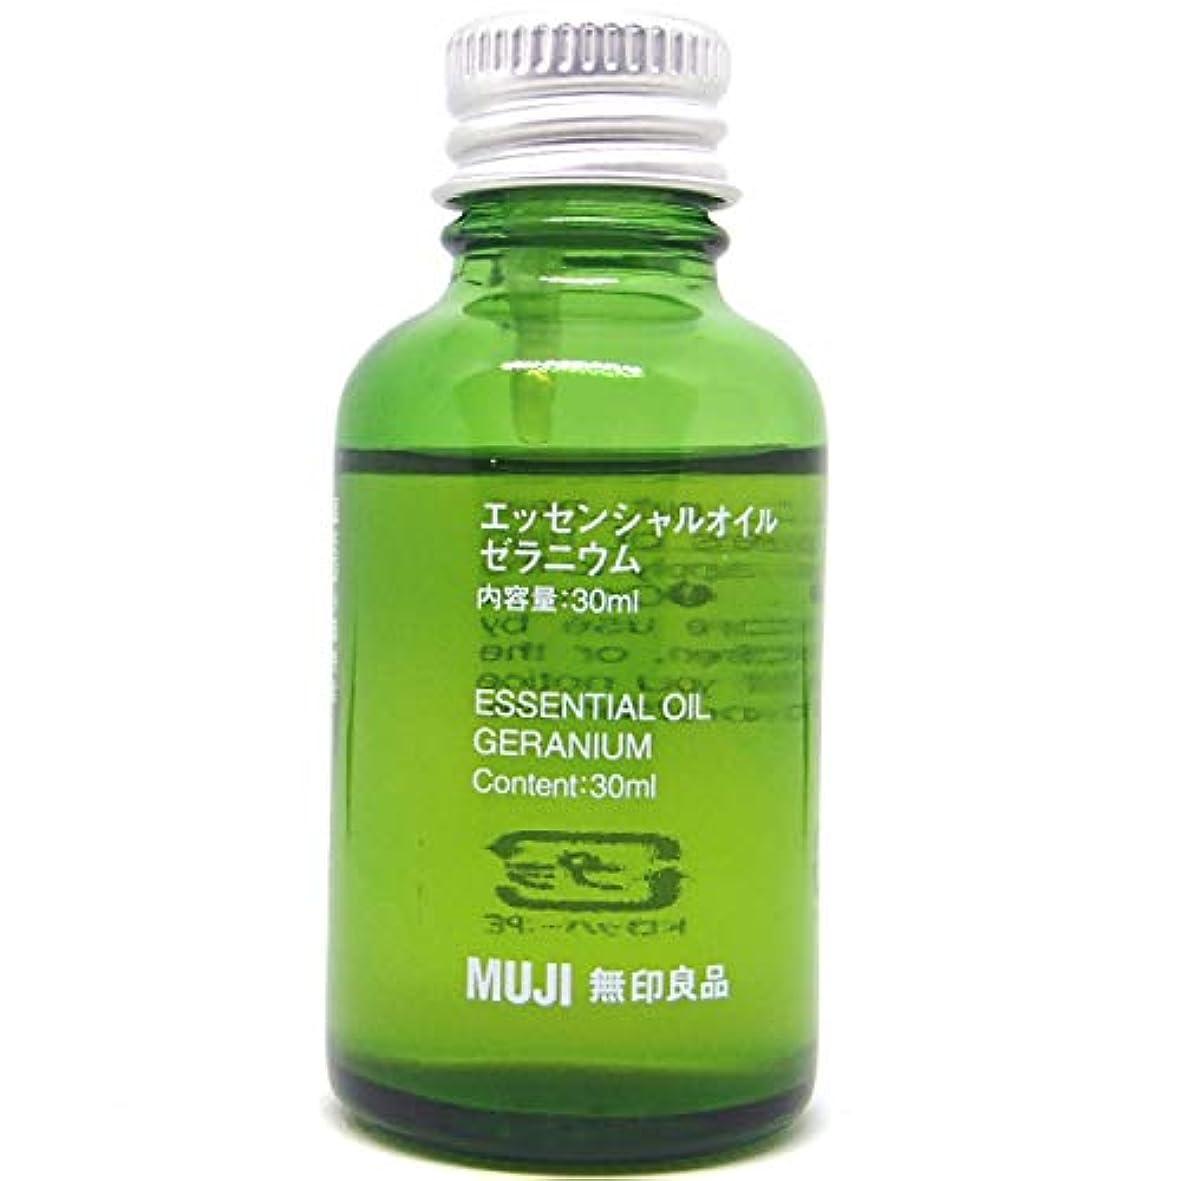 オーラルアレルギー性生き物【無印良品】エッセンシャルオイル30ml(ゼラニウム)